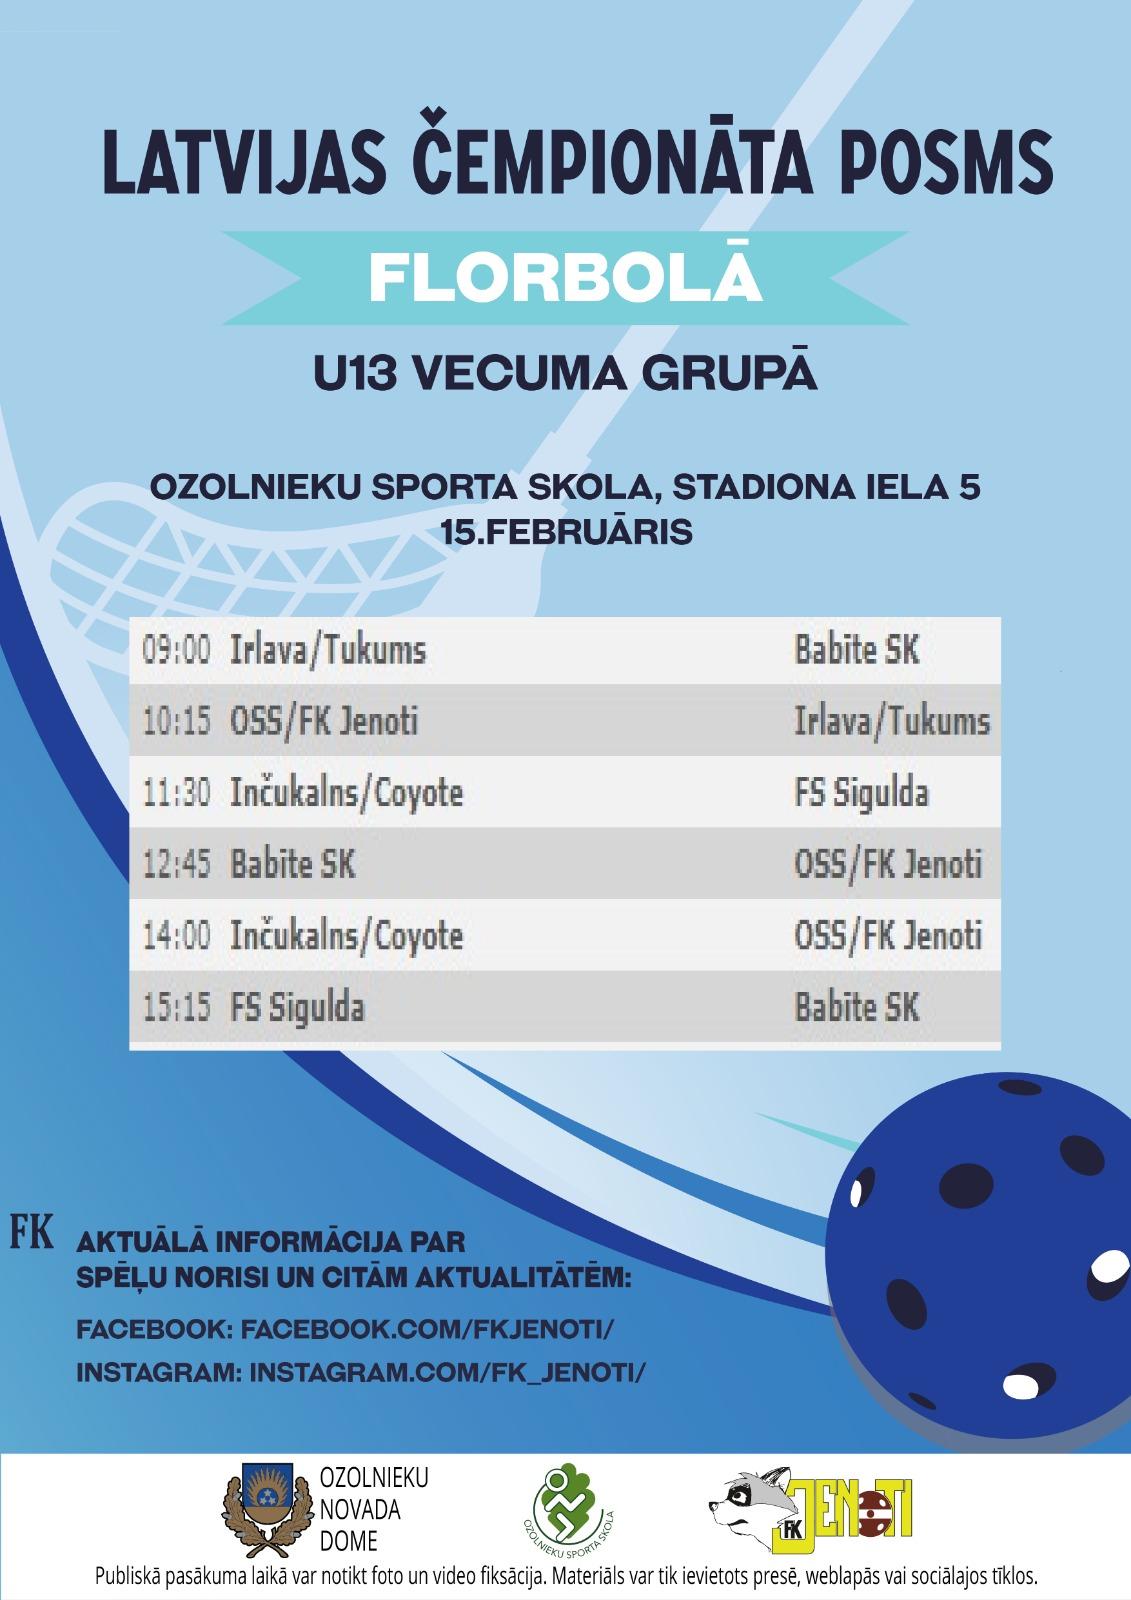 Latvijas 26. čempionāta florbola U13 grupas spēles Ozolniekos